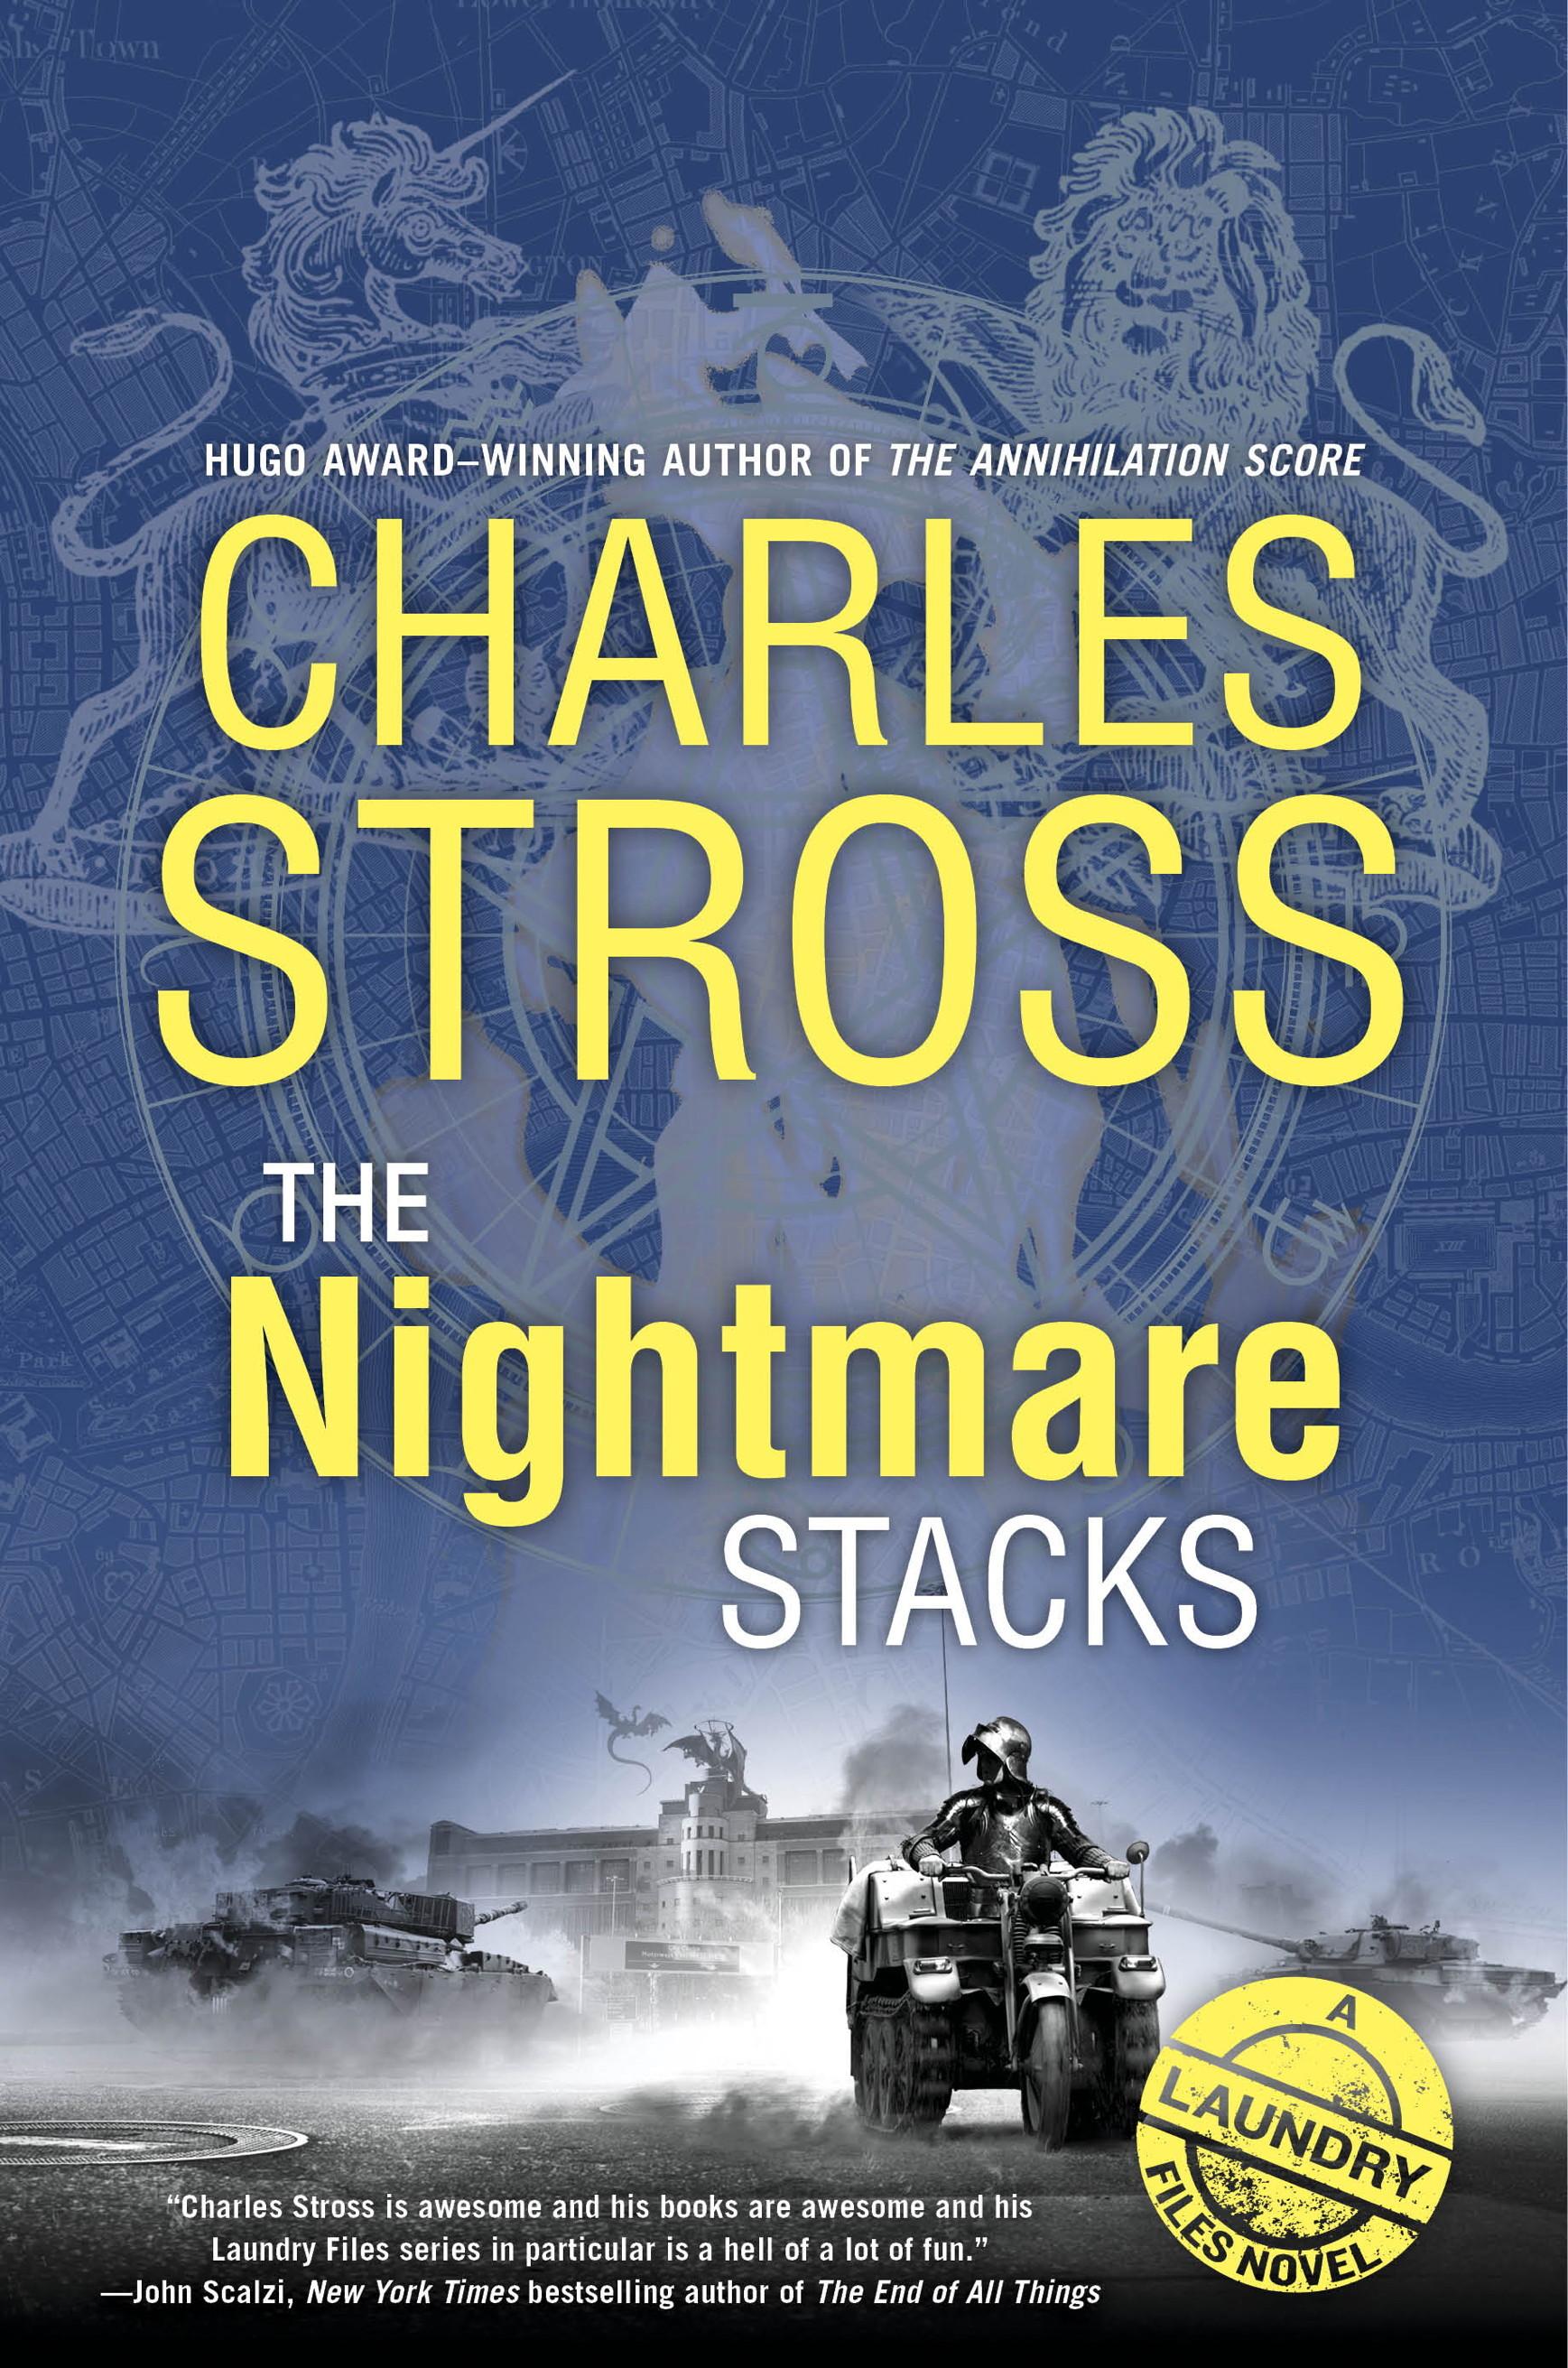 Charlie Stross - Beta Tester.